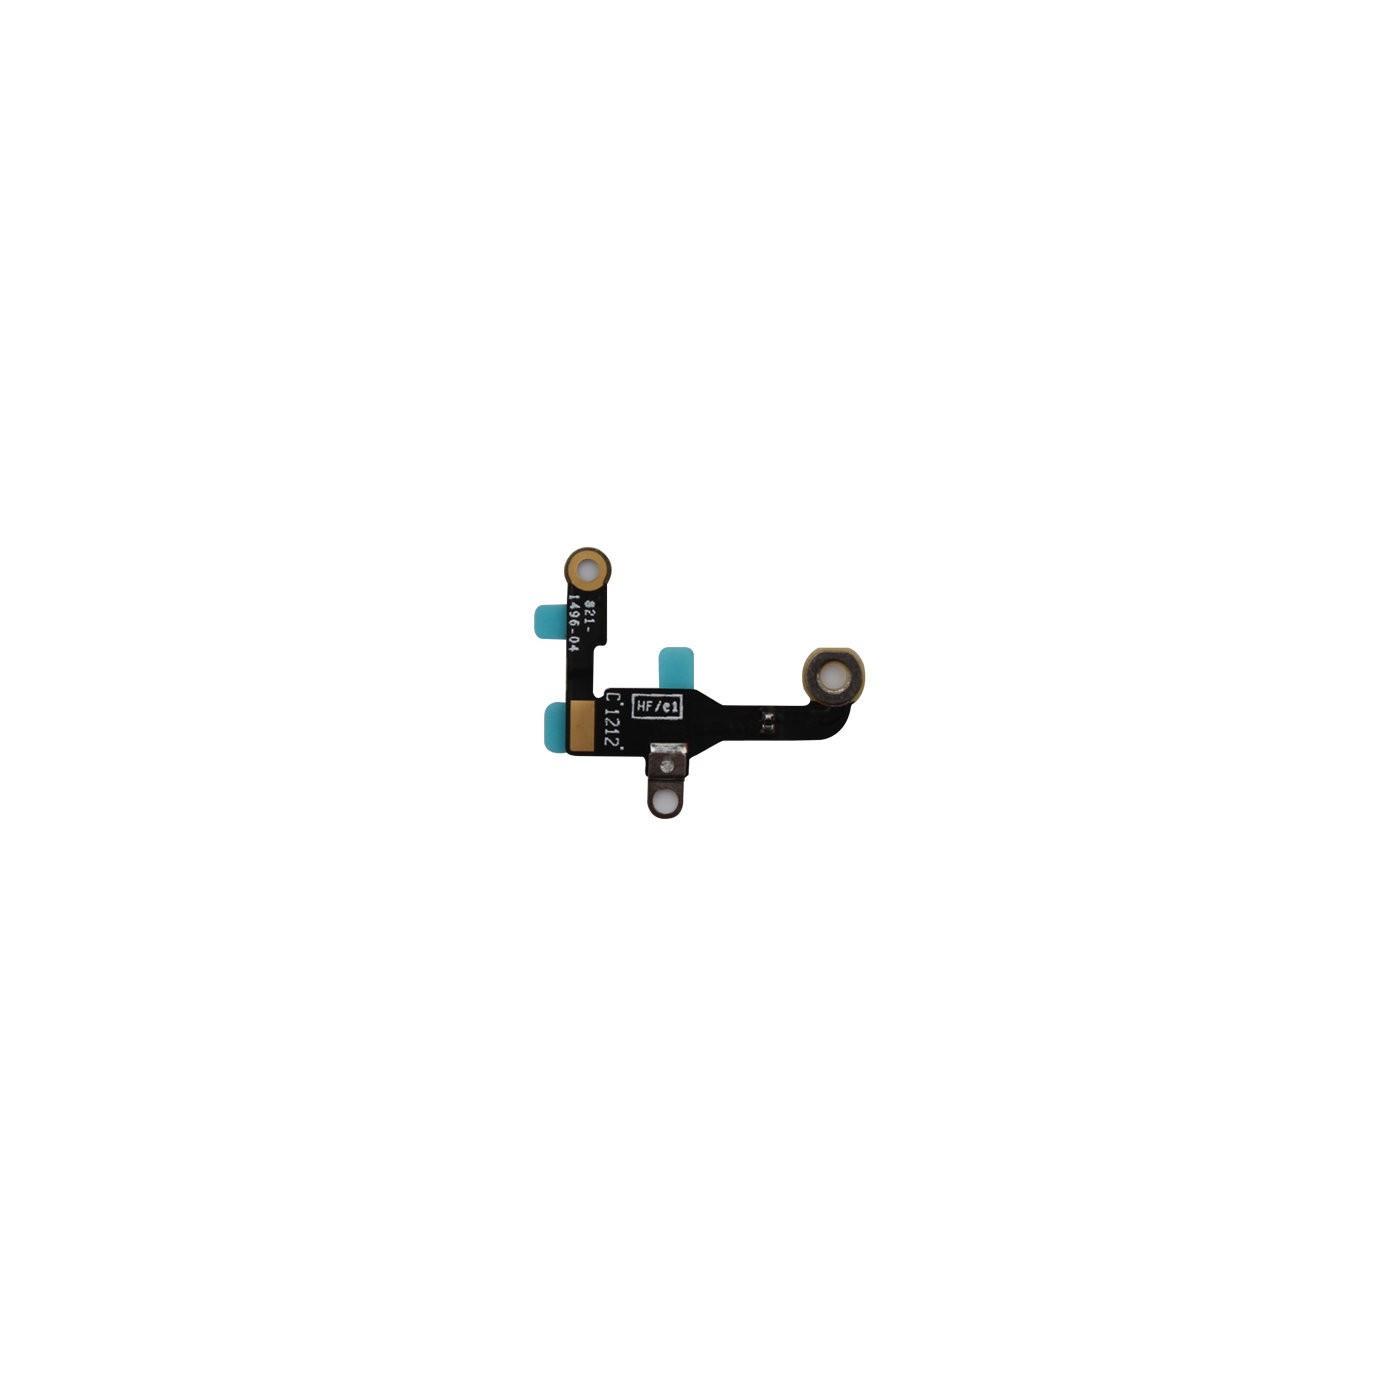 Raccordement d'antenne cellulaire à signal plat pour câble plat pour Iphone 5S